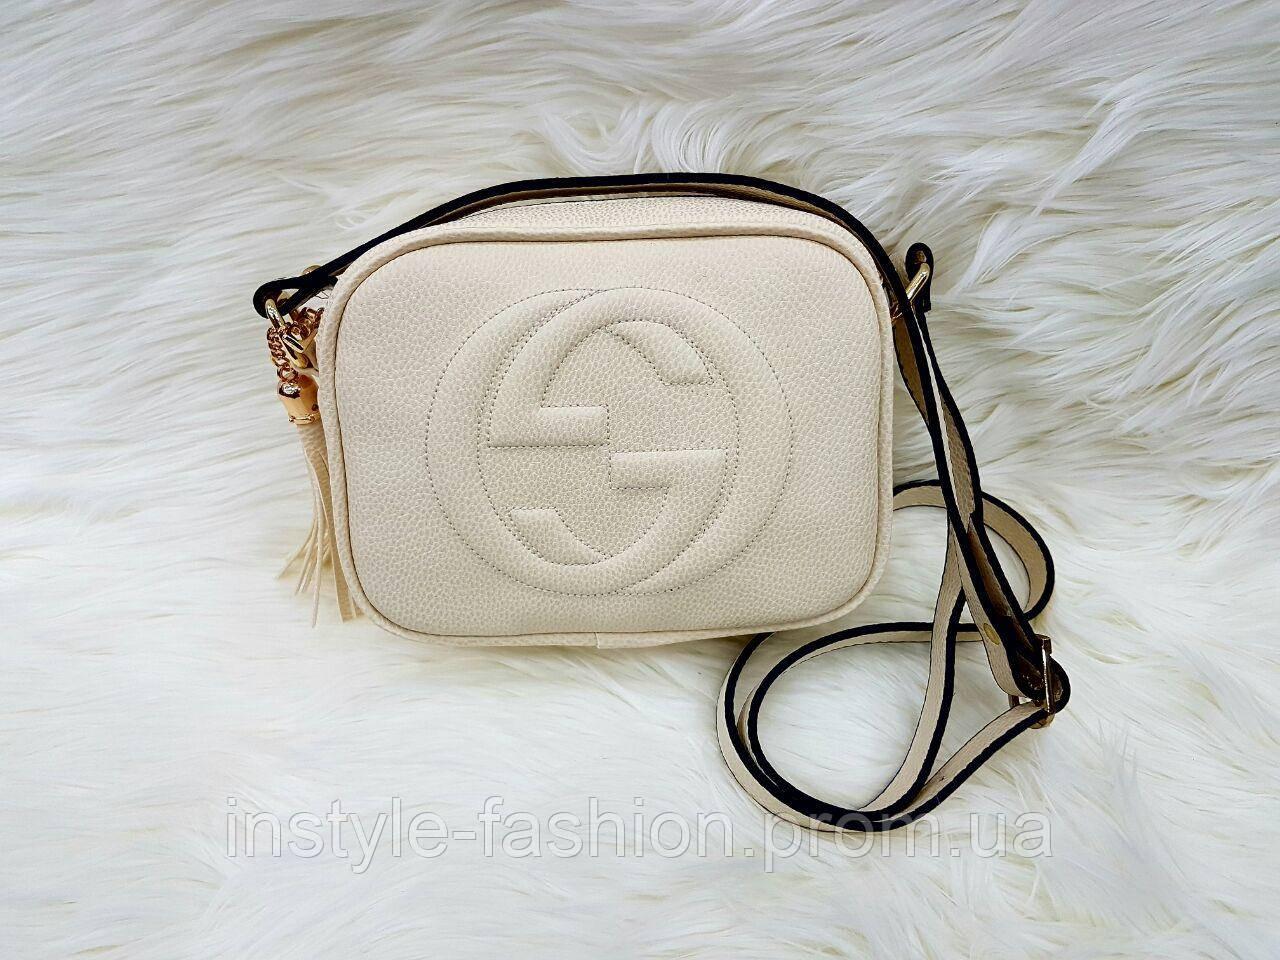 c516b7fd852f Сумка клатч через плечо Gucci Гуччи белая: купить недорого копия ...